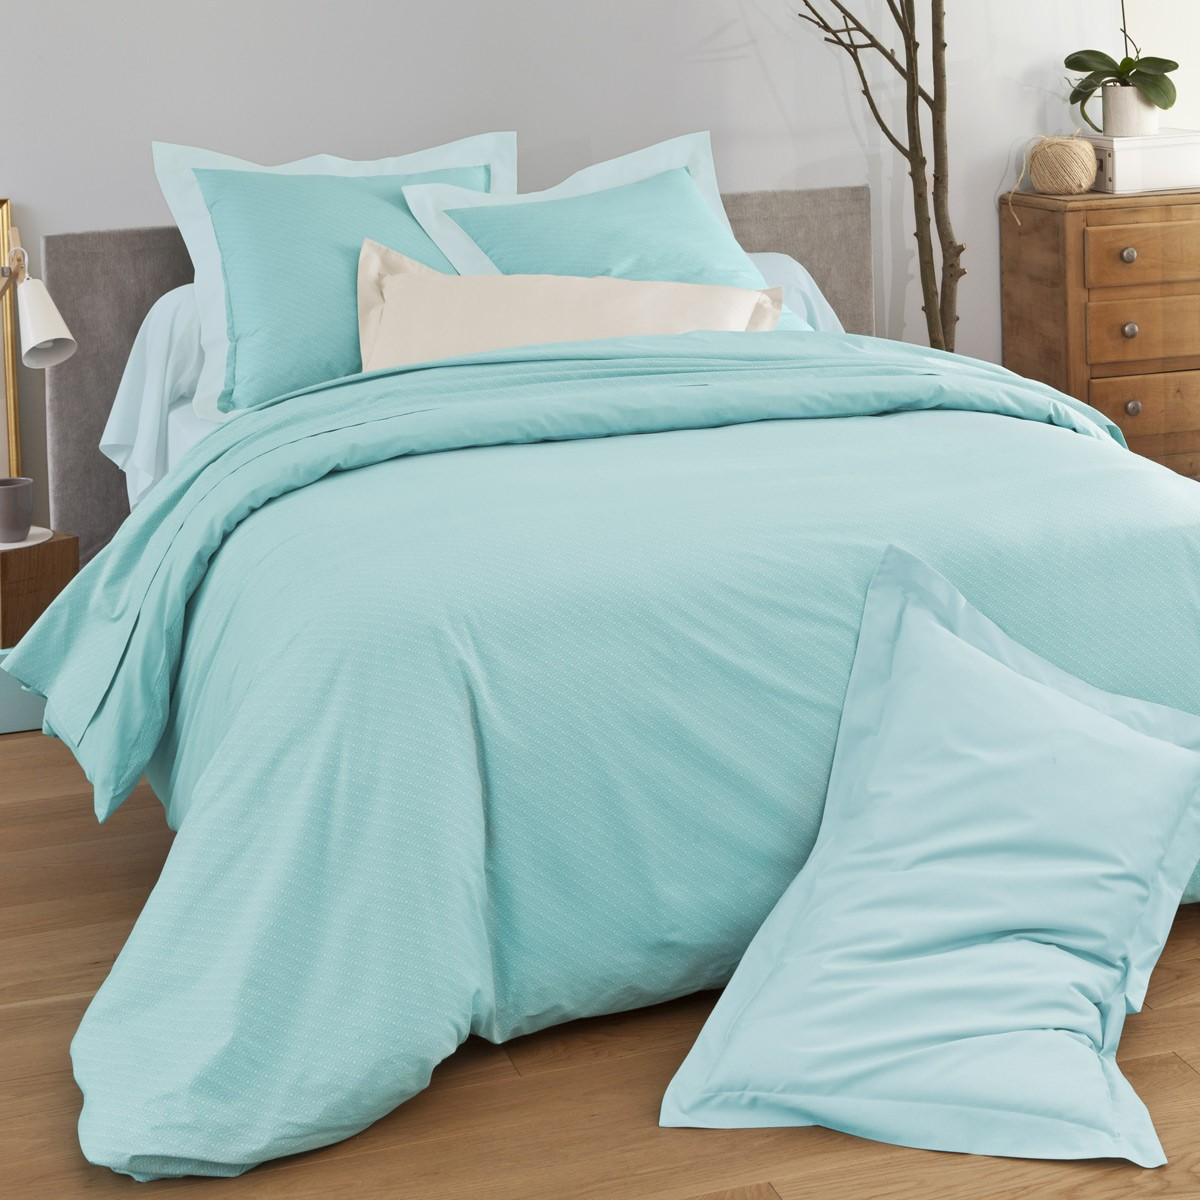 parure dream blue linge de lit de qualit tradition. Black Bedroom Furniture Sets. Home Design Ideas